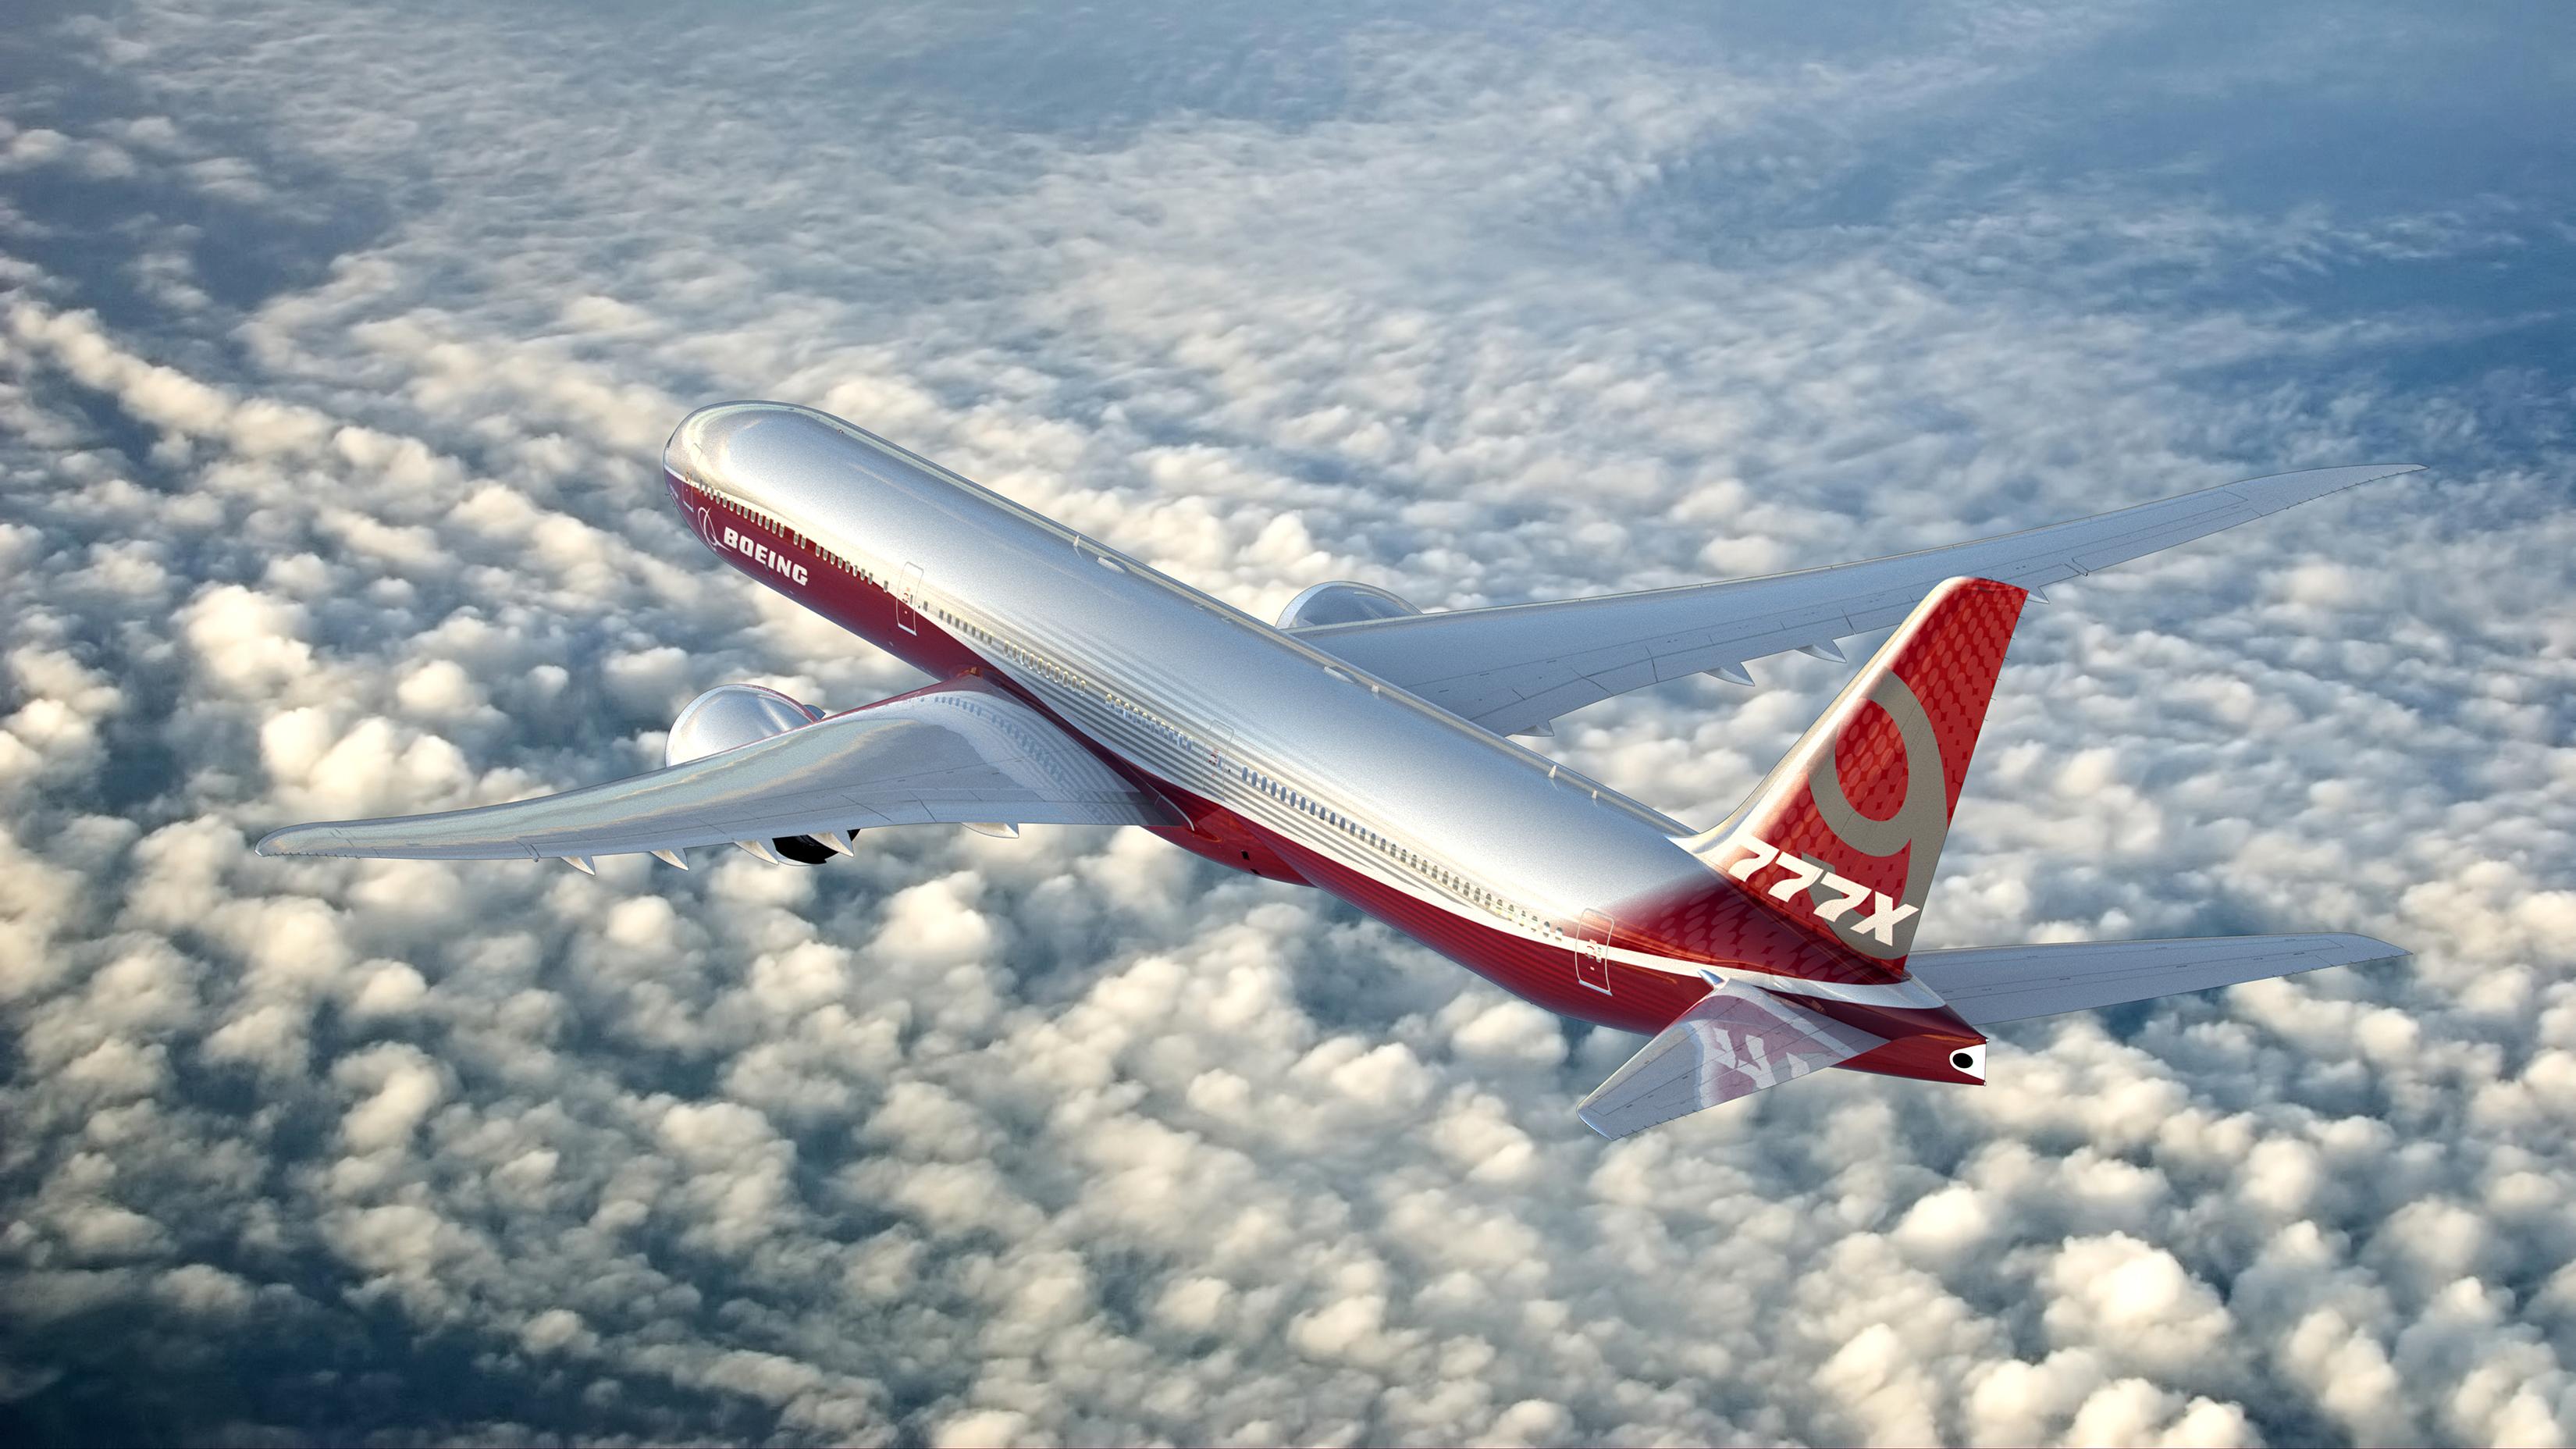 Kết quả hình ảnh cho Boeing 777X Suffers Testing Setback images